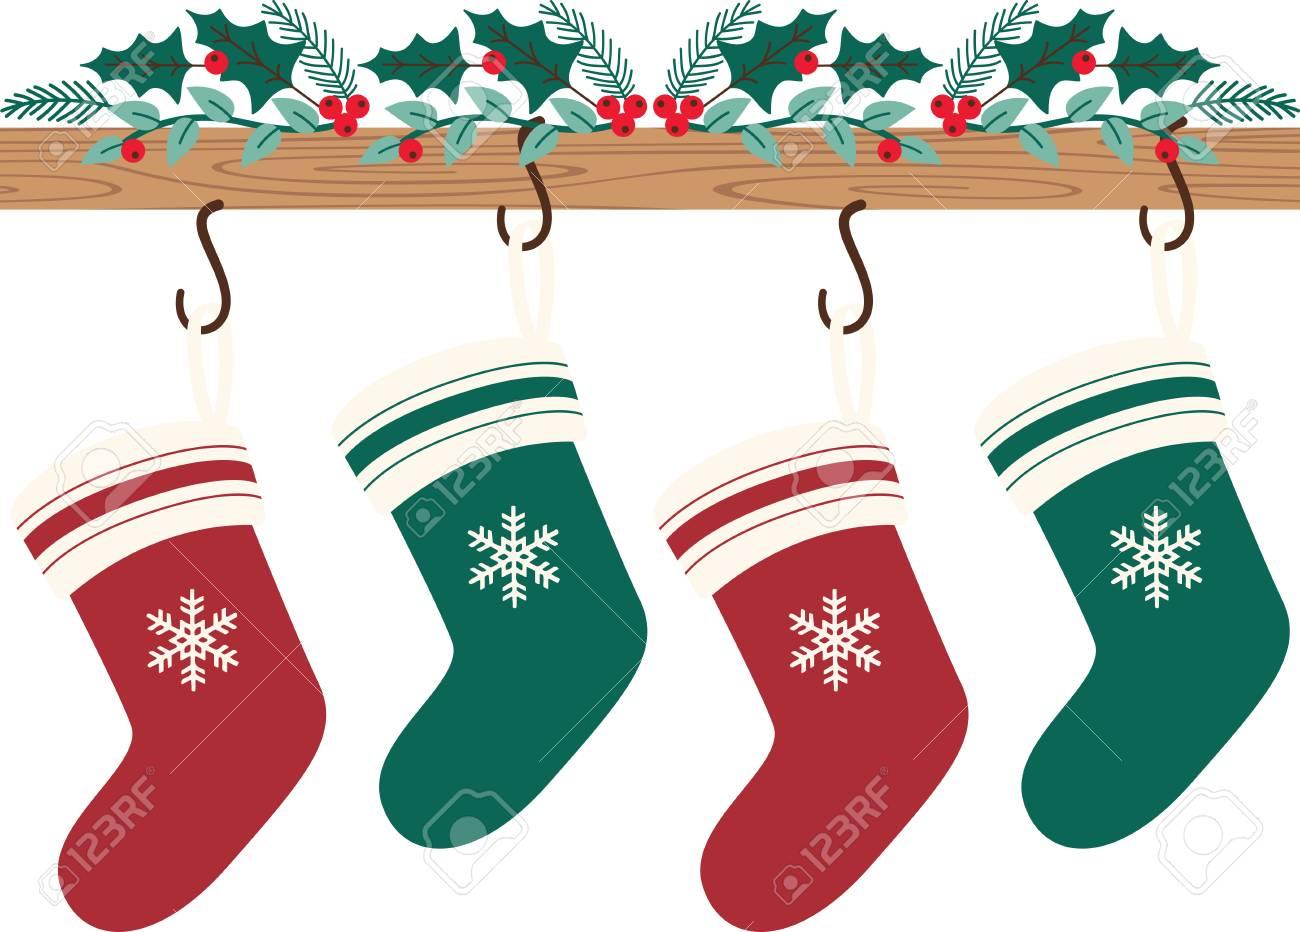 Making Christmas Stocking.Christmas Stockings Last Forever Making Their Presence Felt